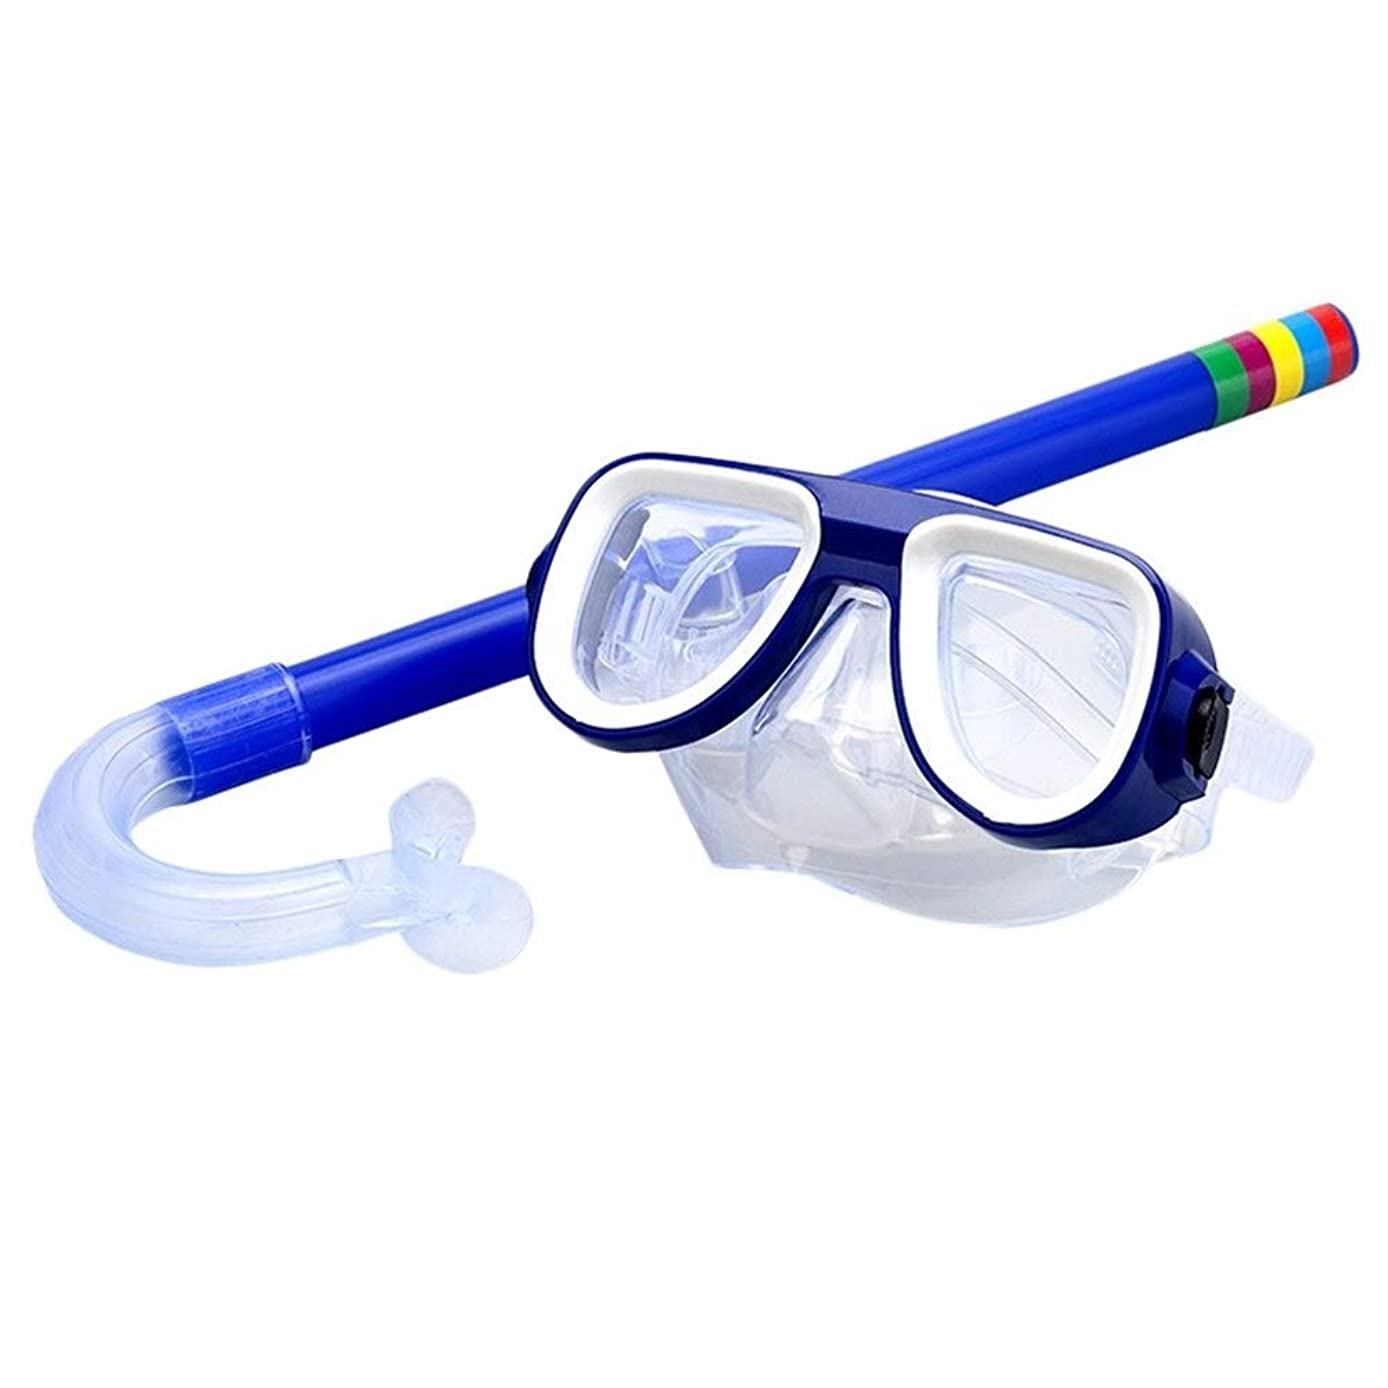 誤解を招くとんでもない教え子供の安全シュノーケリングダイビングマスク+シュノーケリングスーツ水着子供水スポーツ3-8歳青 g5y9k2i3rw1